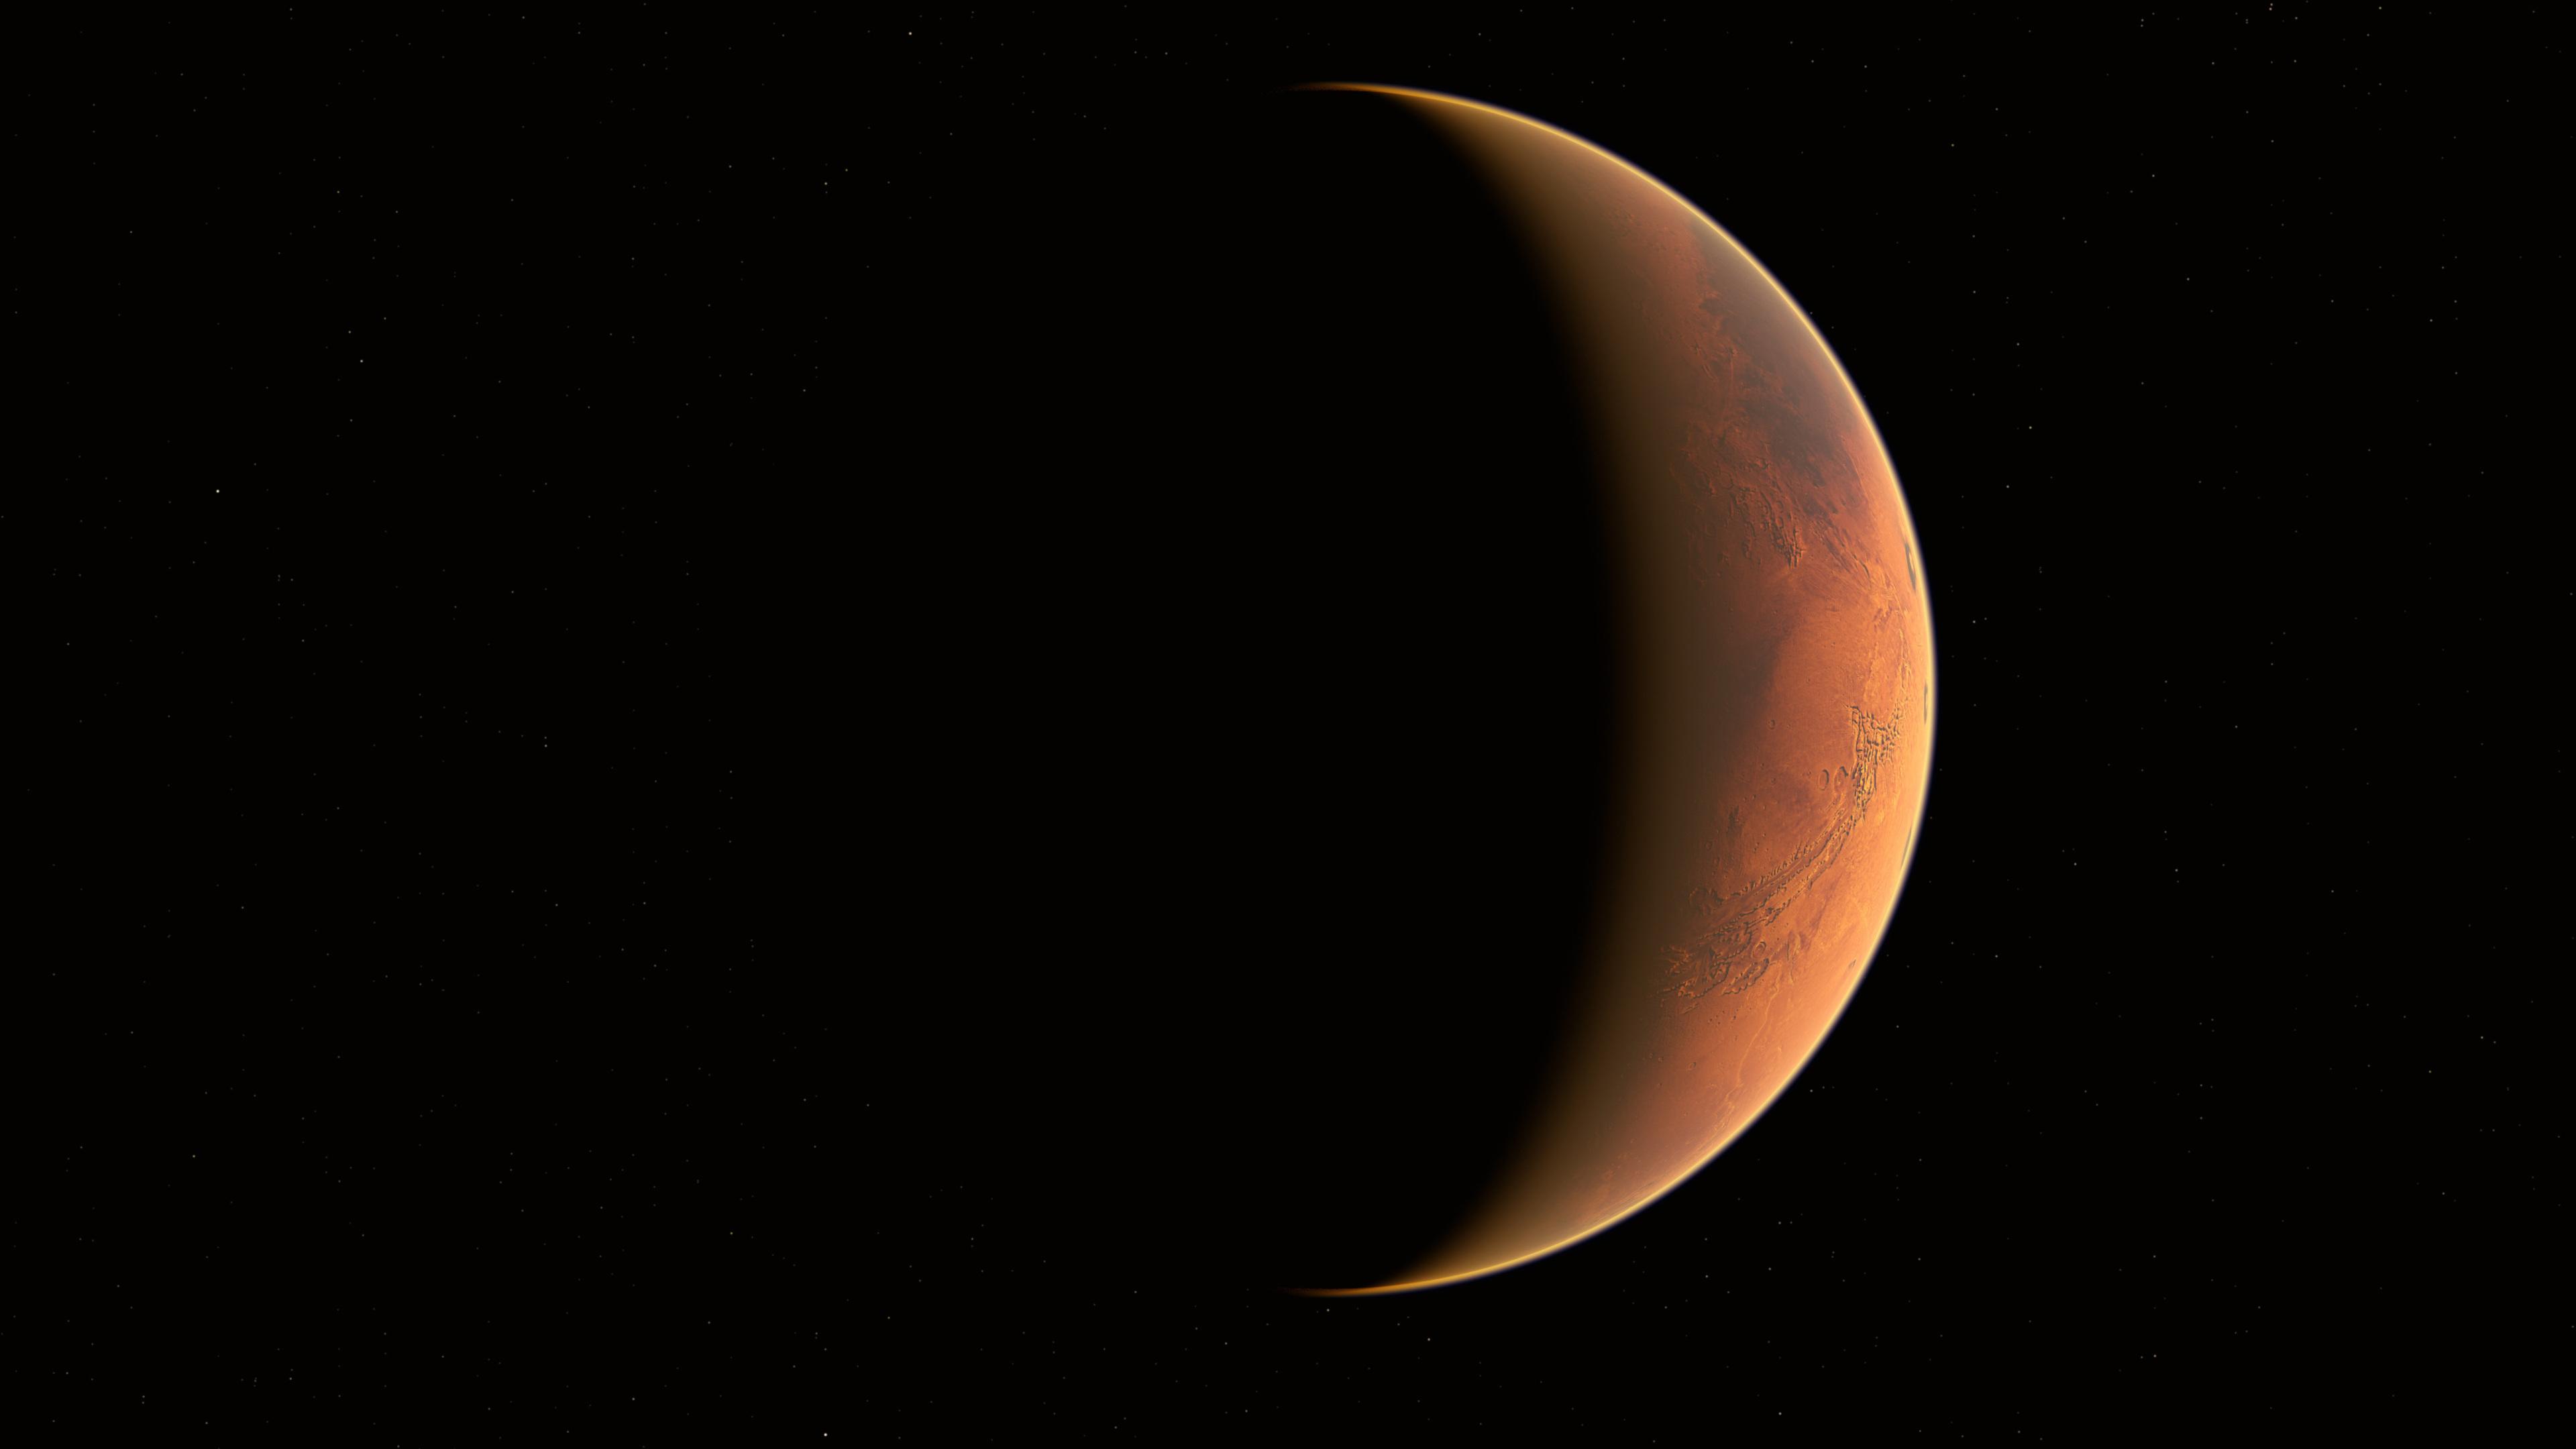 mars lightwave 4k 1546278903 - Mars Lightwave 4k - planet wallpapers, mars wallpapers, hd-wallpapers, digital universe wallpapers, deviantart wallpapers, 4k-wallpapers